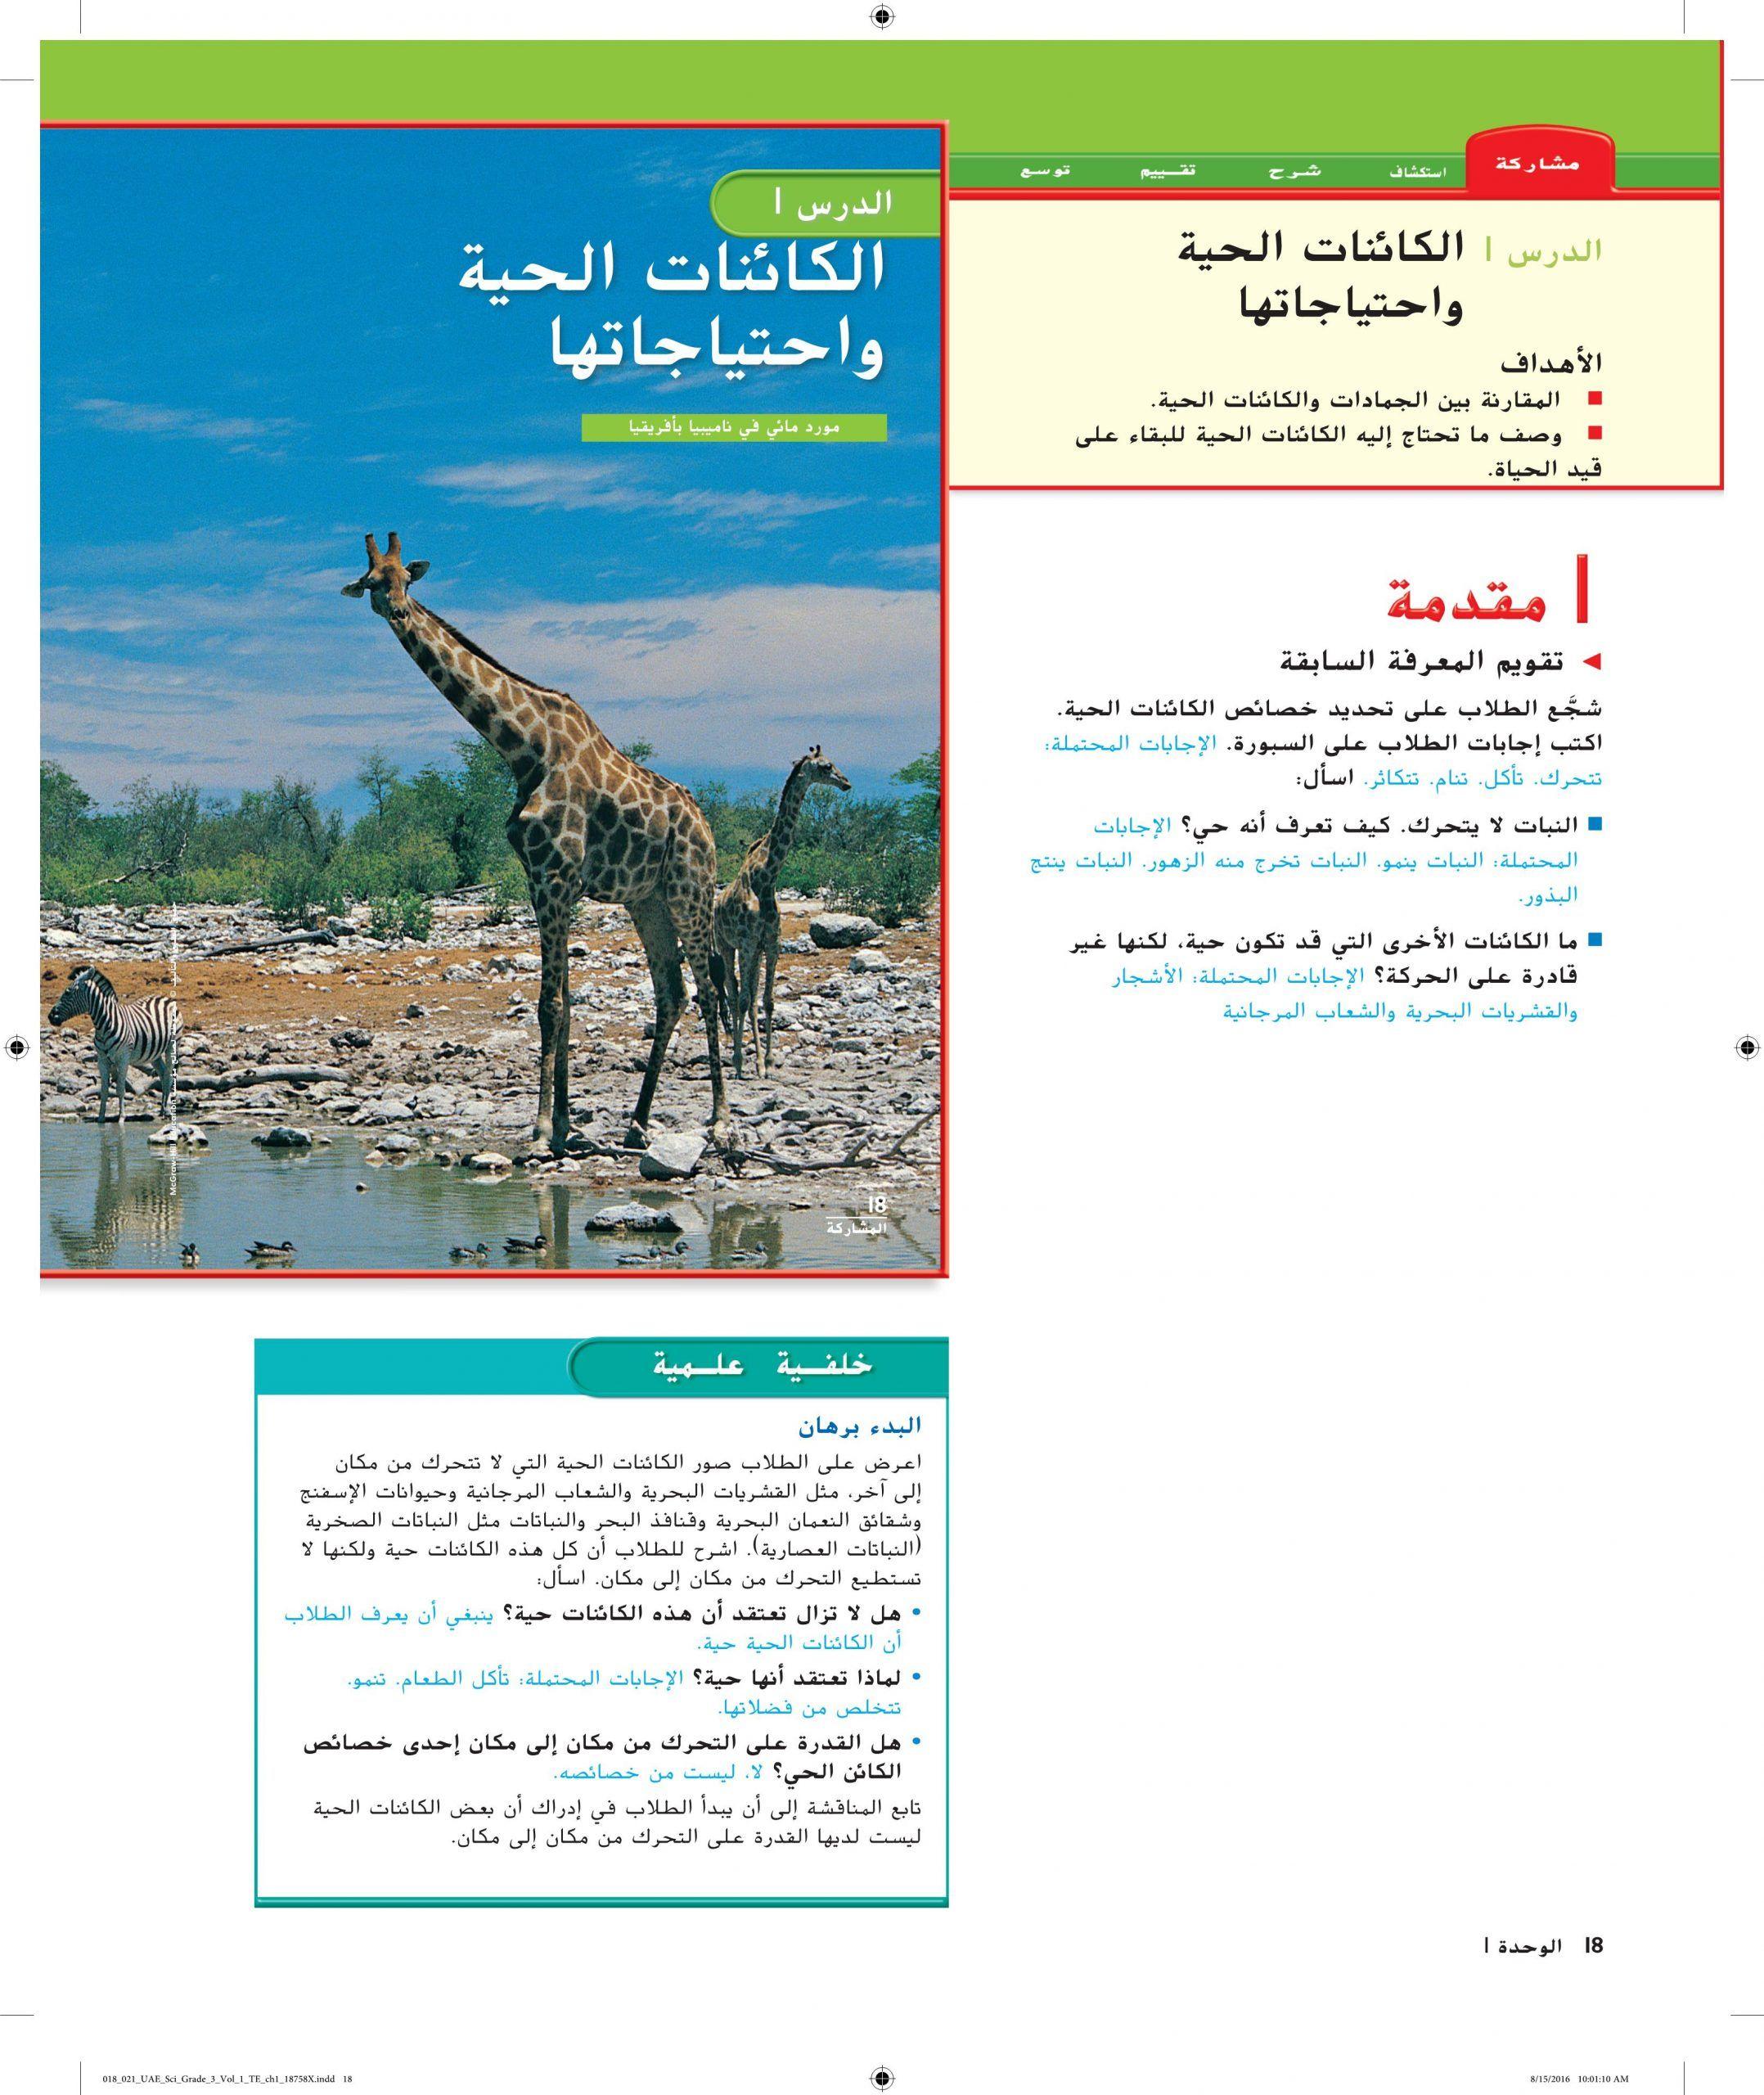 درس الكائنات الحية واحتياجاتها مع الاجابات للصف الثالث مادة العلوم المتكاملة Screenshots Desktop Screenshot Pandora Screenshot